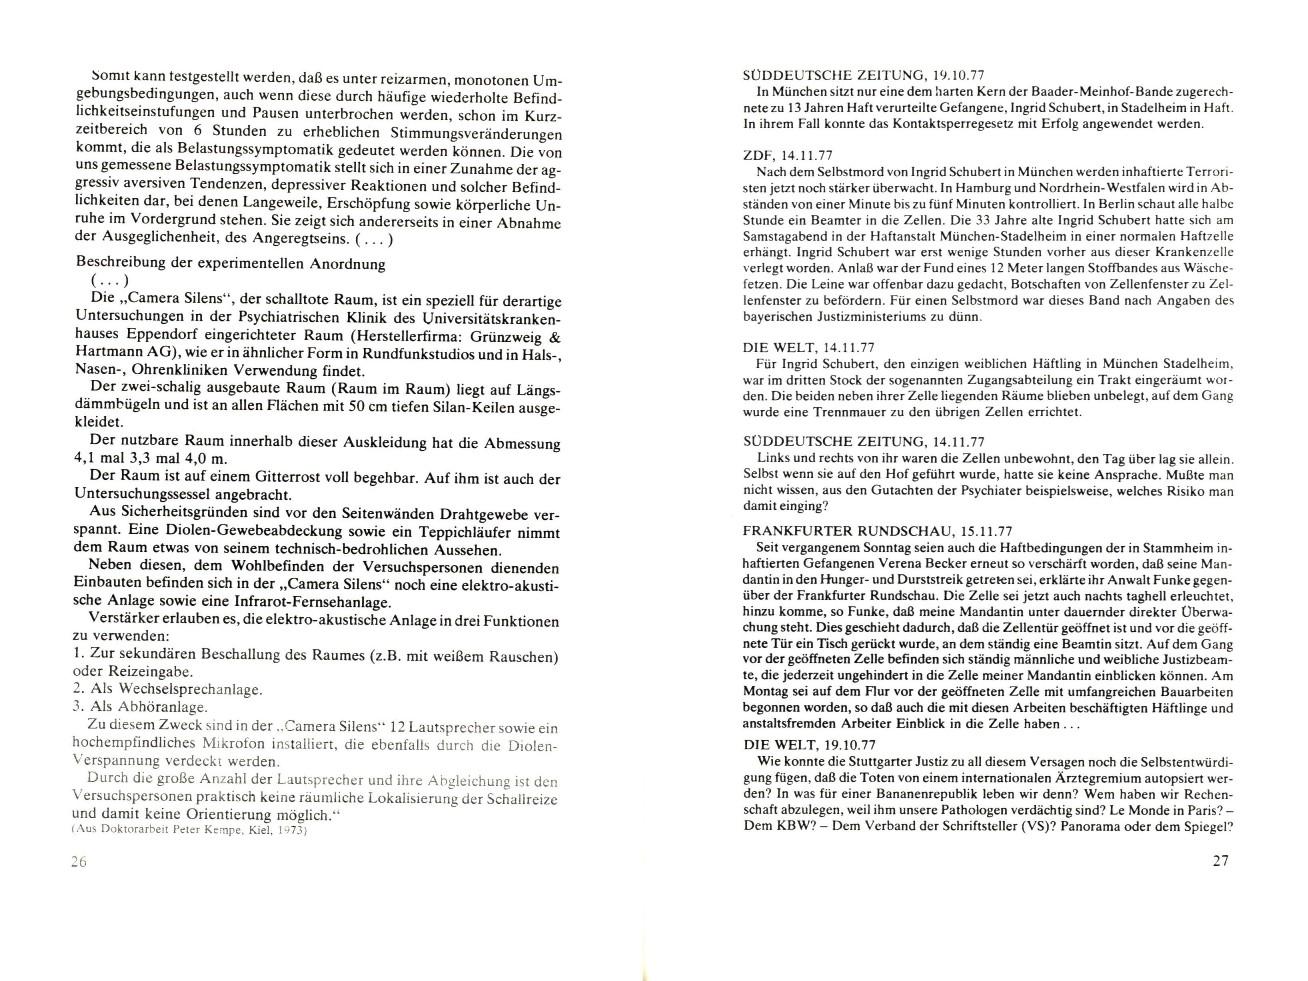 KBW_1977_Kontaktsperregesetz_14